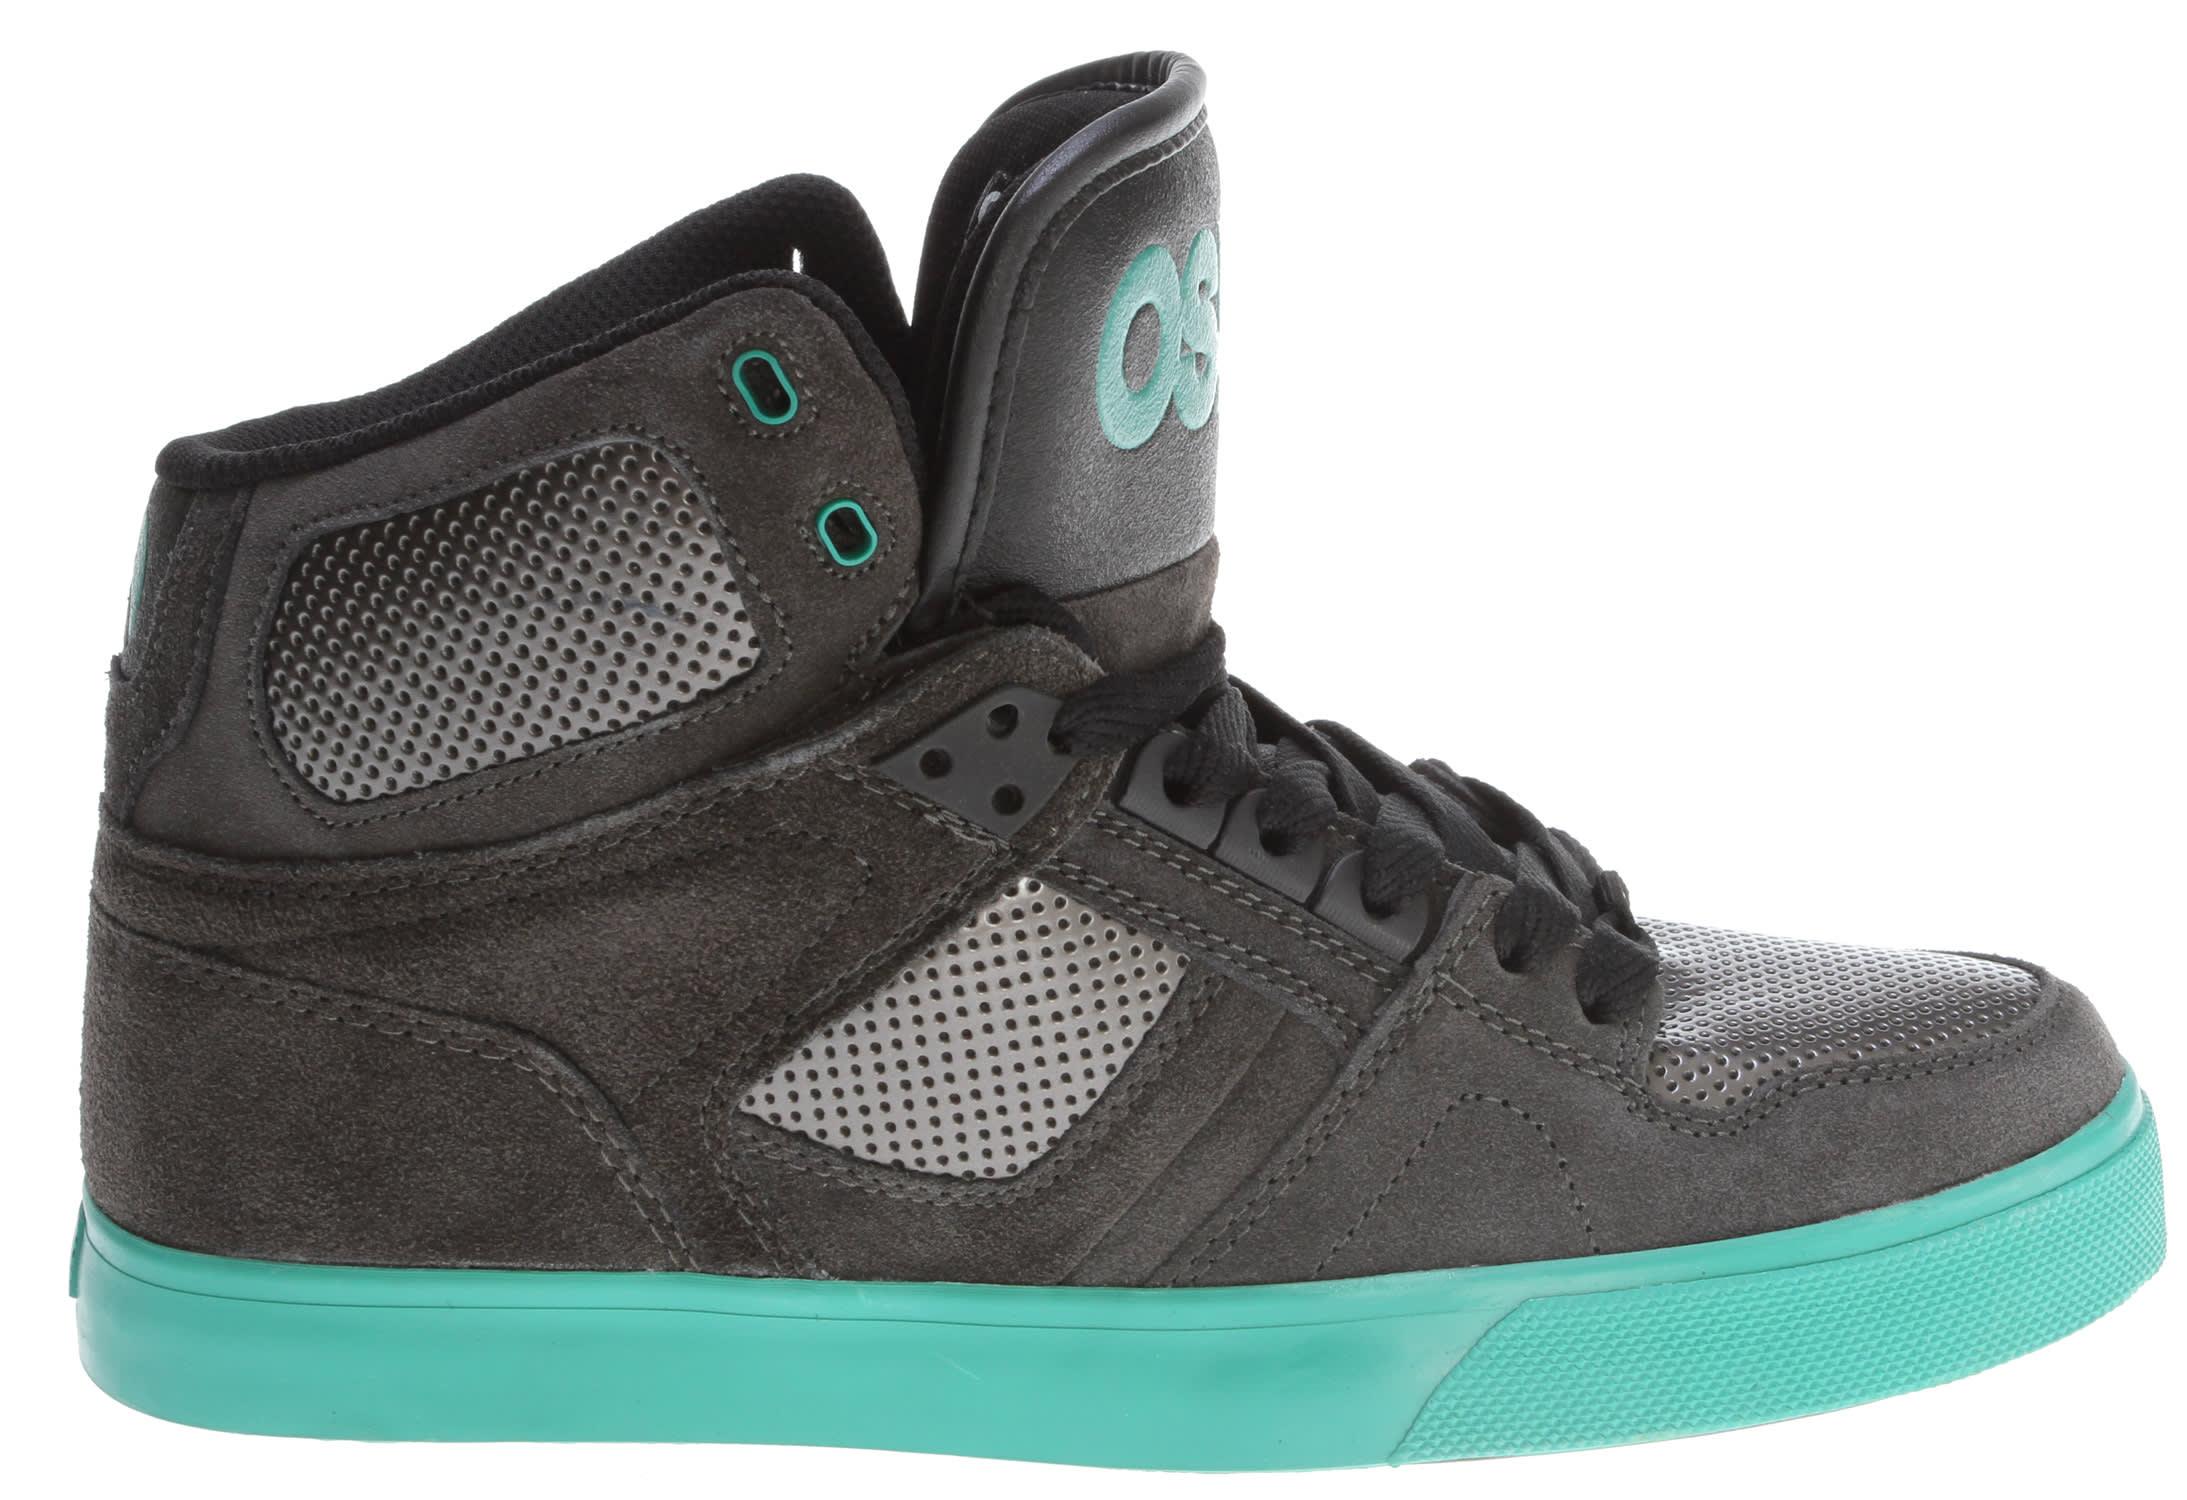 5b8864a3cd7 Osiris NYC 83 Vlc Skate Shoes Charcoal/Gunmetal/Teal